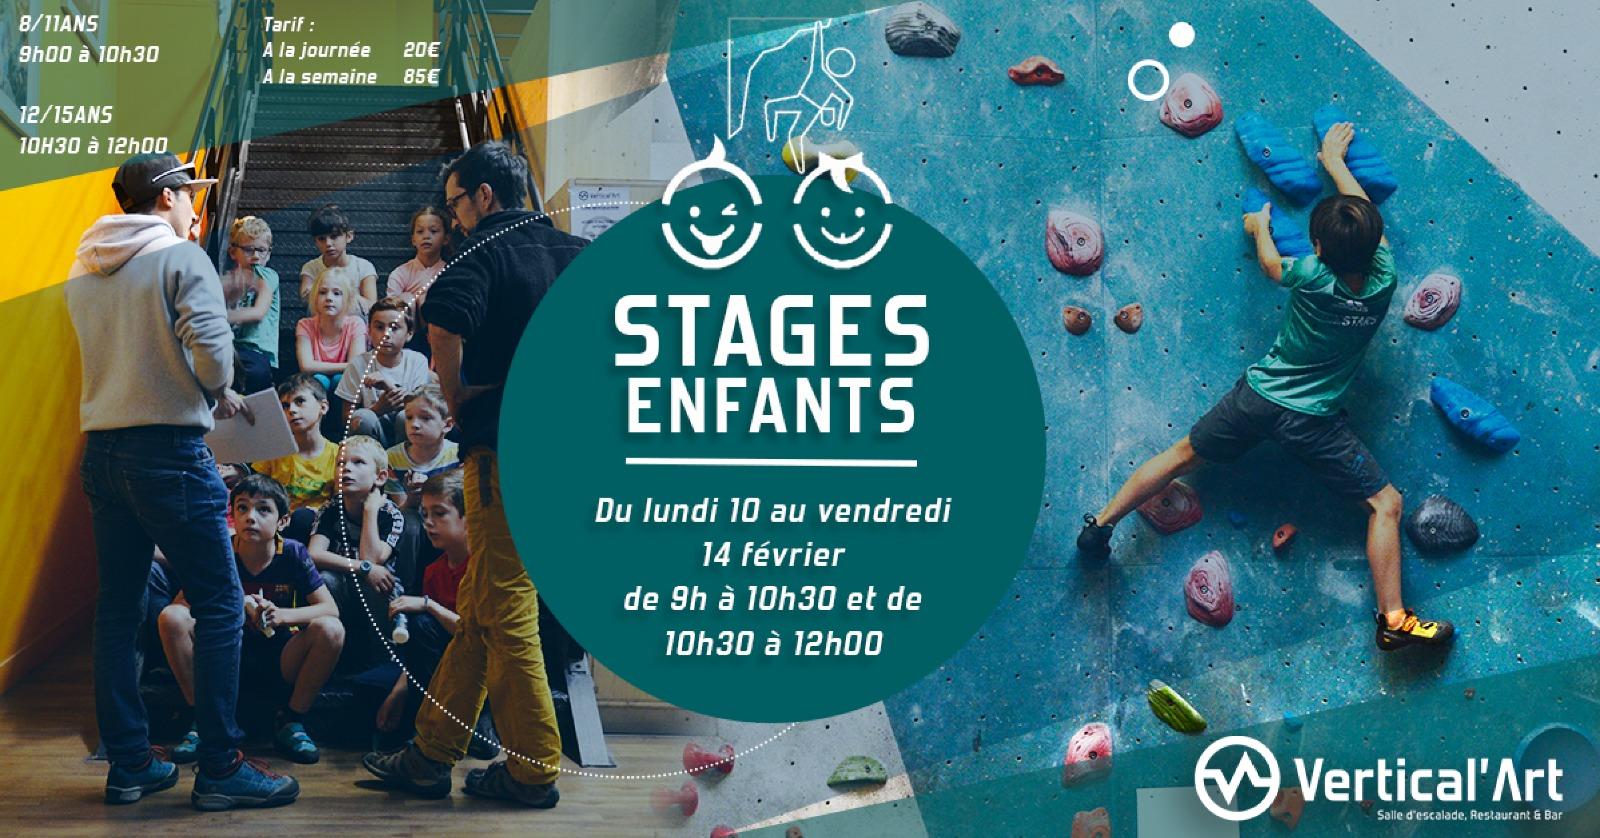 Stage enfant à Vertical'art Saint Quentin en Yvelines- Vacances d'hiver- Enfants - Escalade de bloc